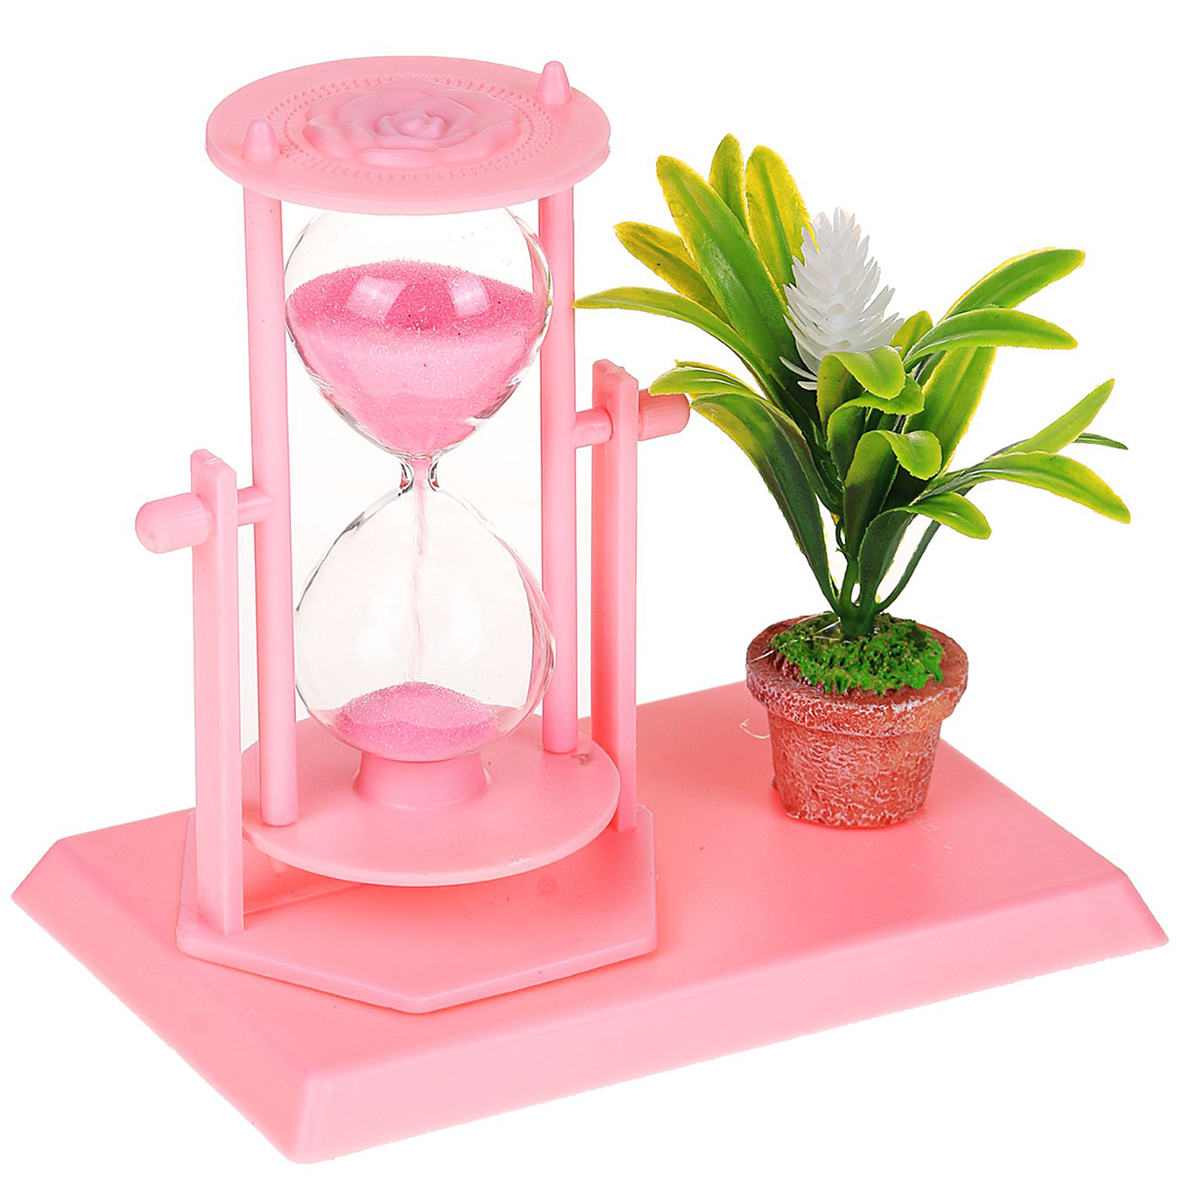 Песочные часы Цветы, цвет: розовый, 14 х 13 х 9 см2355536Каждому хозяину периодически приходит мысль обновить свою квартиру, сделать ремонт, перестановку или кардинально поменять внешний вид каждой комнаты. — привлекательная деталь, которая поможет воплотить вашу интерьерную идею, создать неповторимую атмосферу в вашем доме. Окружите себя приятными мелочами, пусть они радуют глаз и дарят гармонию.Часы песочные, серия Цветы, розовые, 14*13*9см 2355536